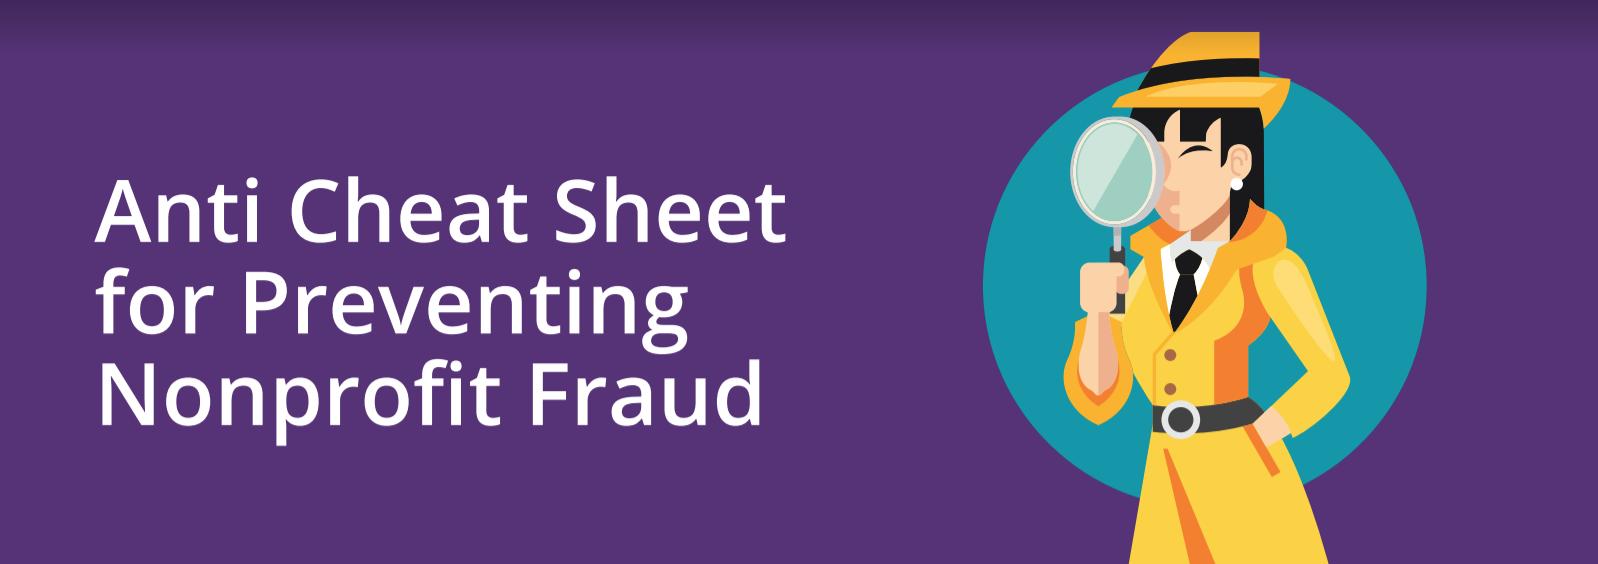 Preventing Nonprofit Fraud